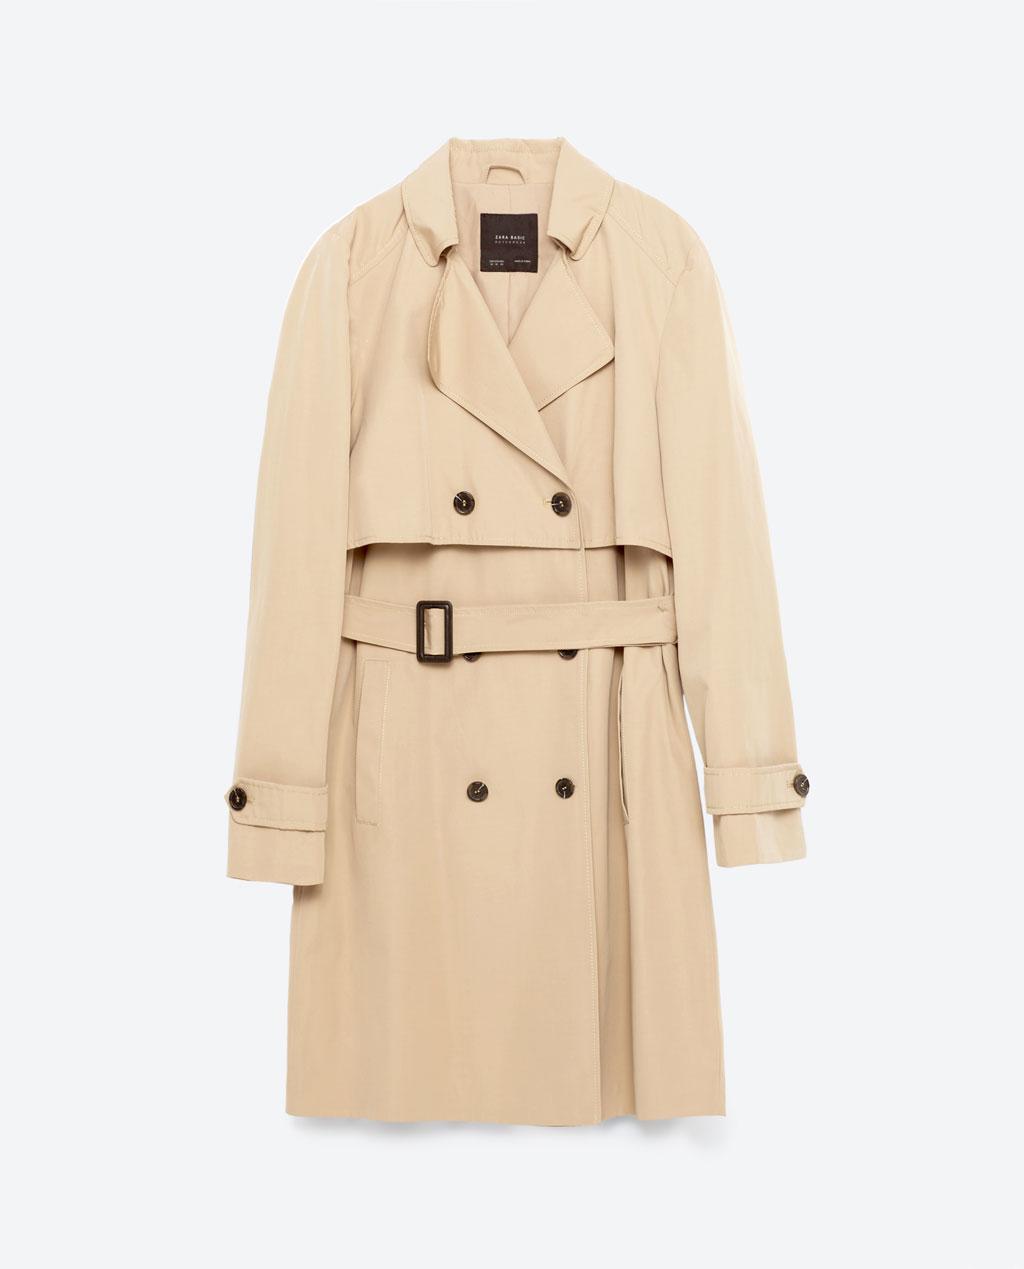 Zara - €29,99